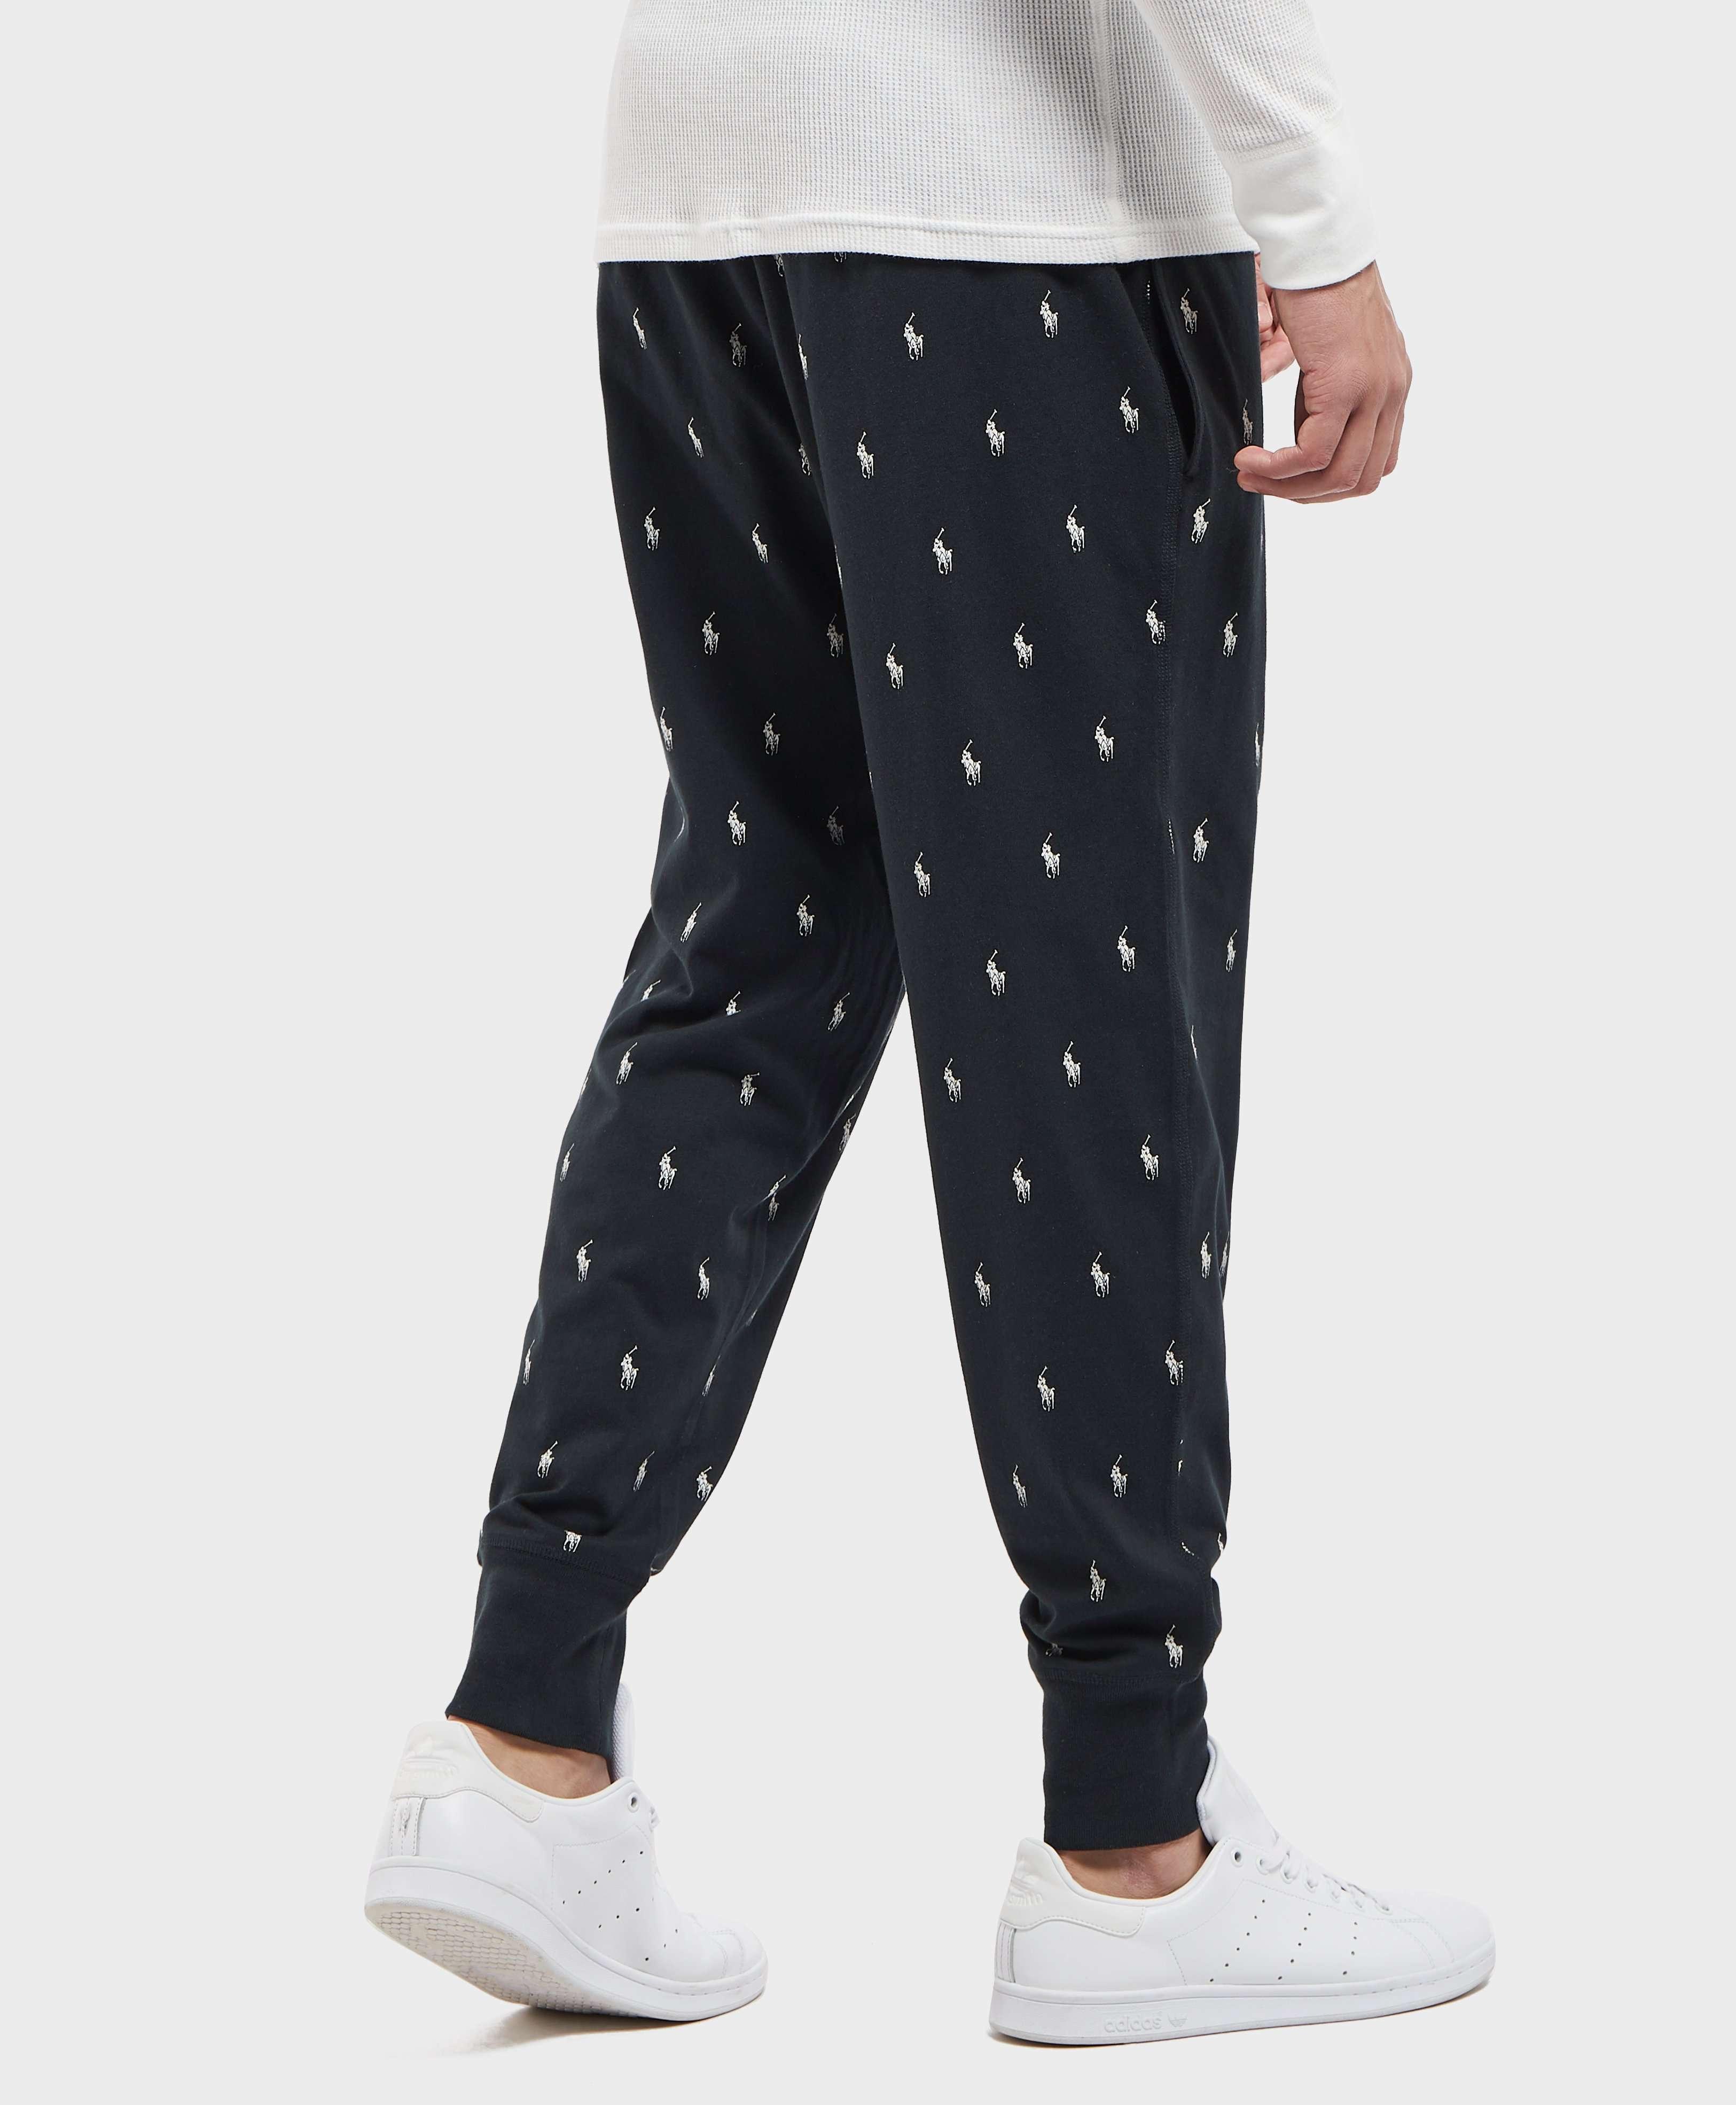 Polo Ralph Lauren Underwear All Over Print Fleece Pants